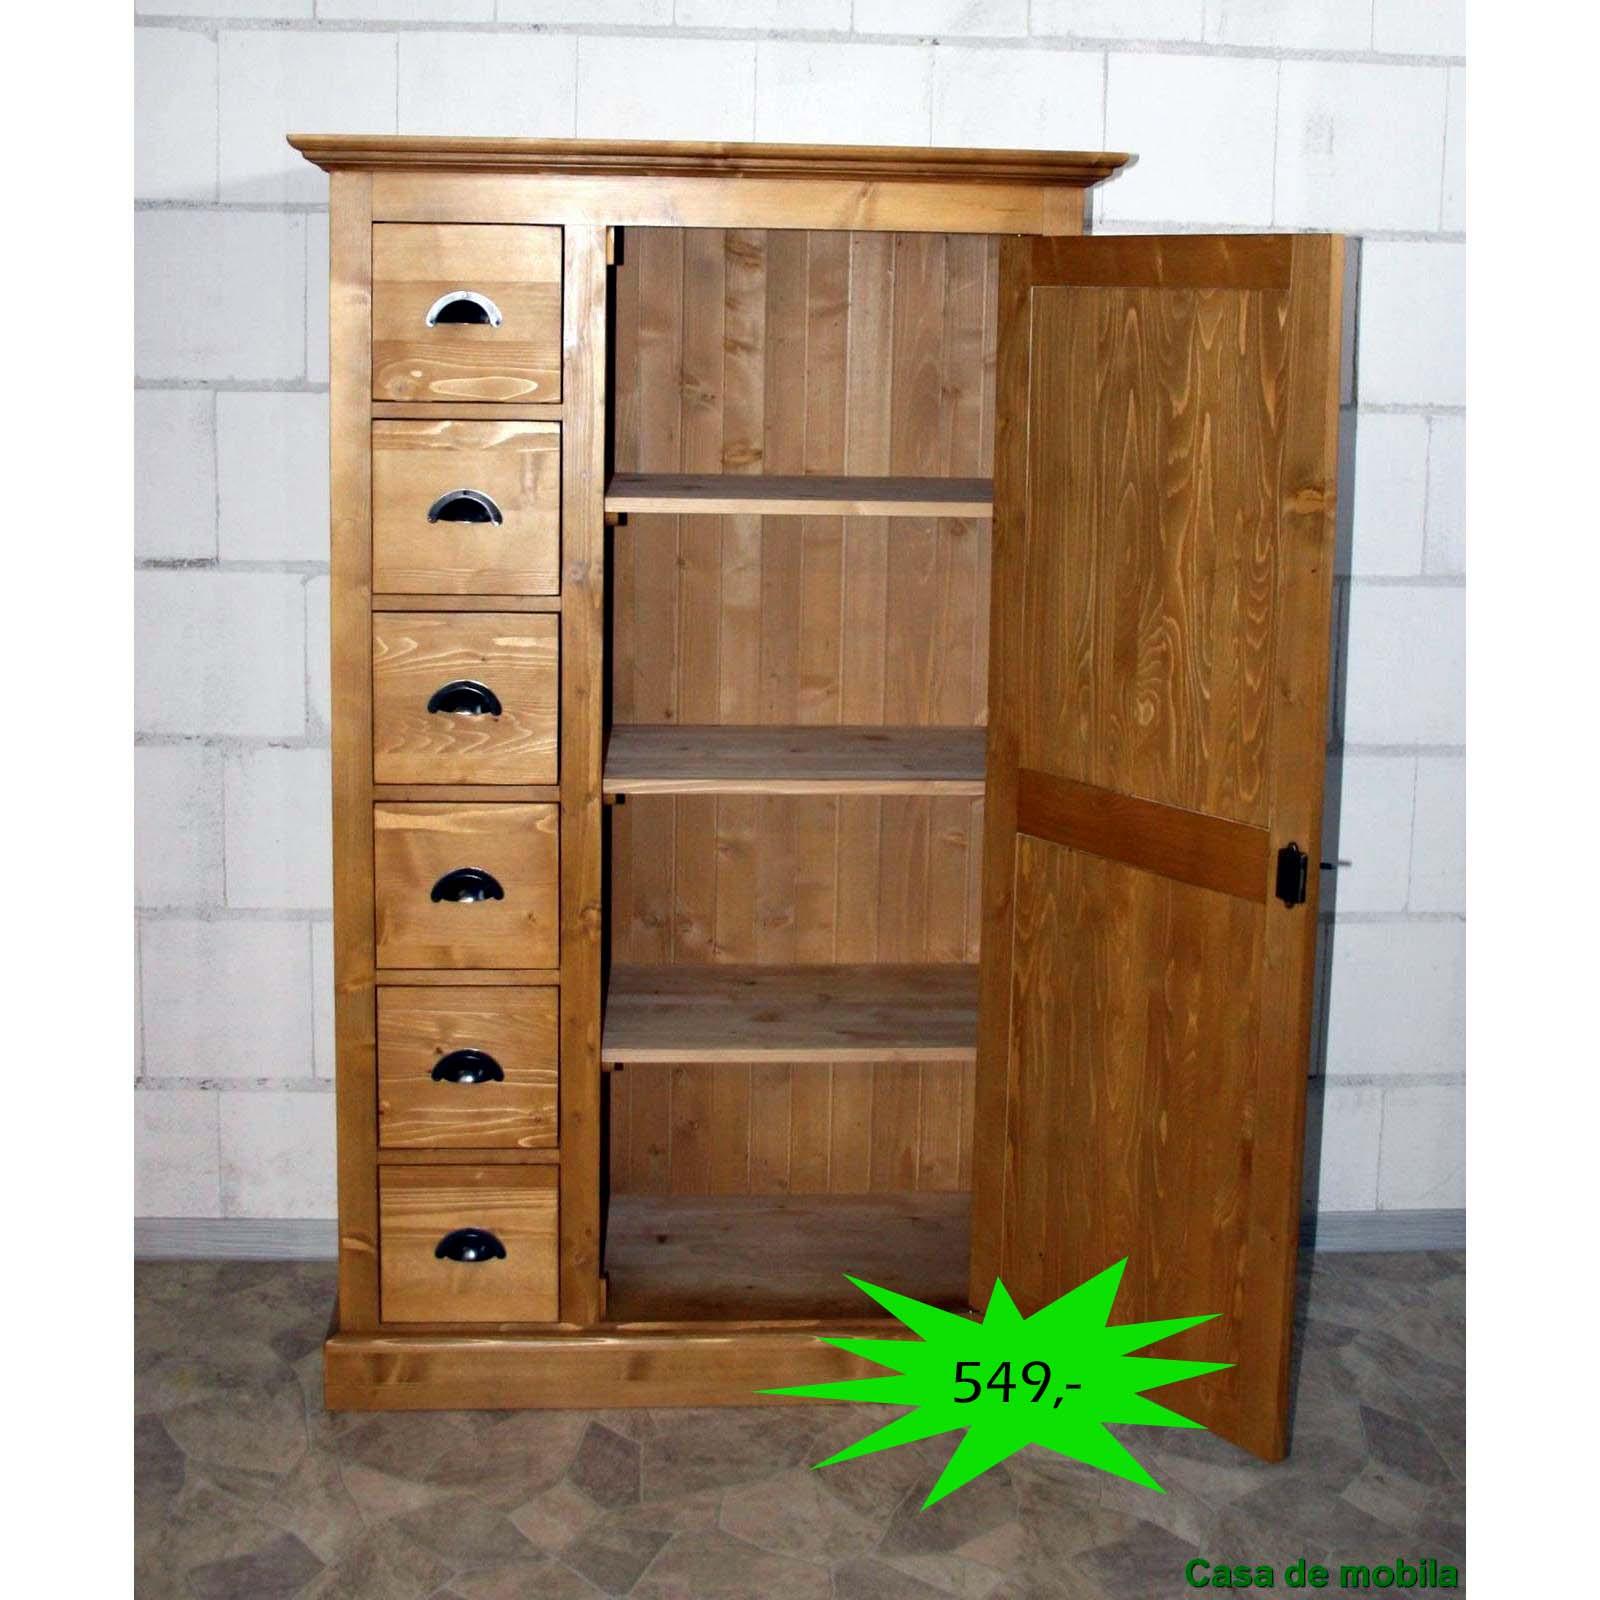 mehrzweckschrank fichte massiv antik retro ps41 p002 massivholz m bel in goslar massivholz. Black Bedroom Furniture Sets. Home Design Ideas